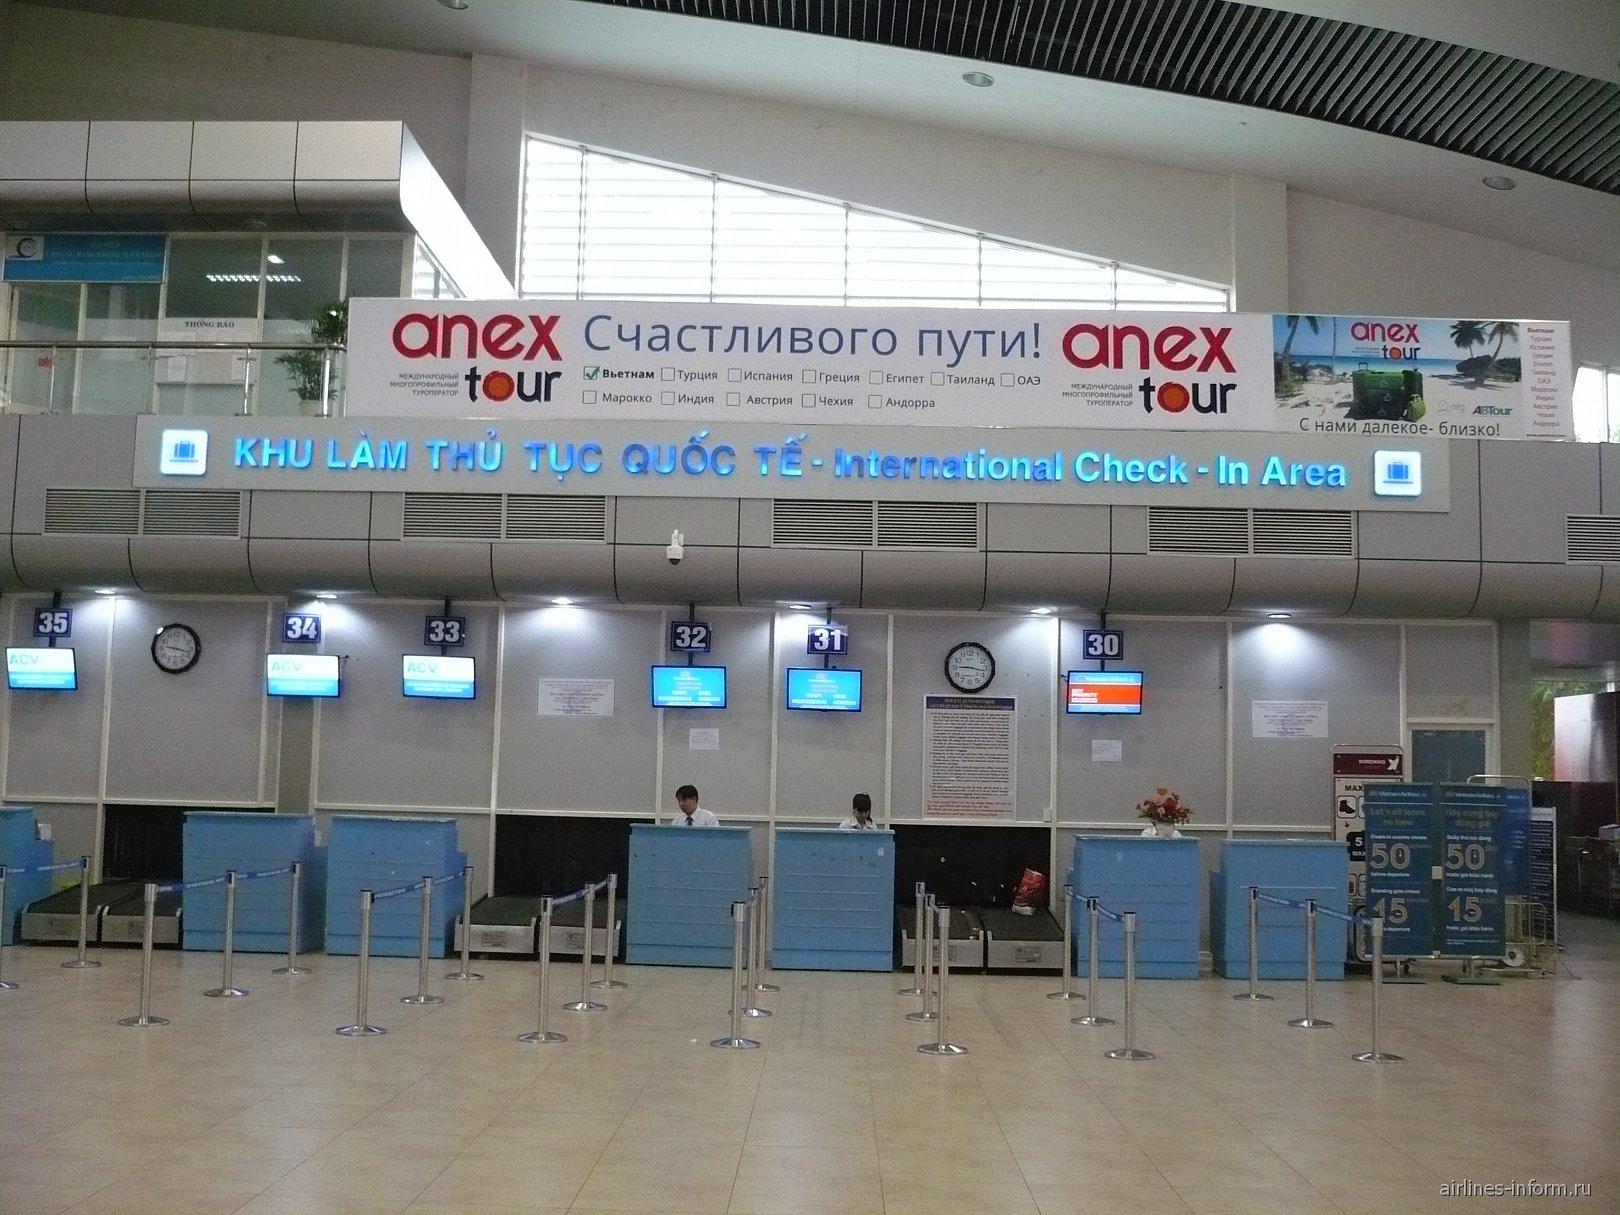 Стойки регистрации международных рейсов в аэропорту Камрань